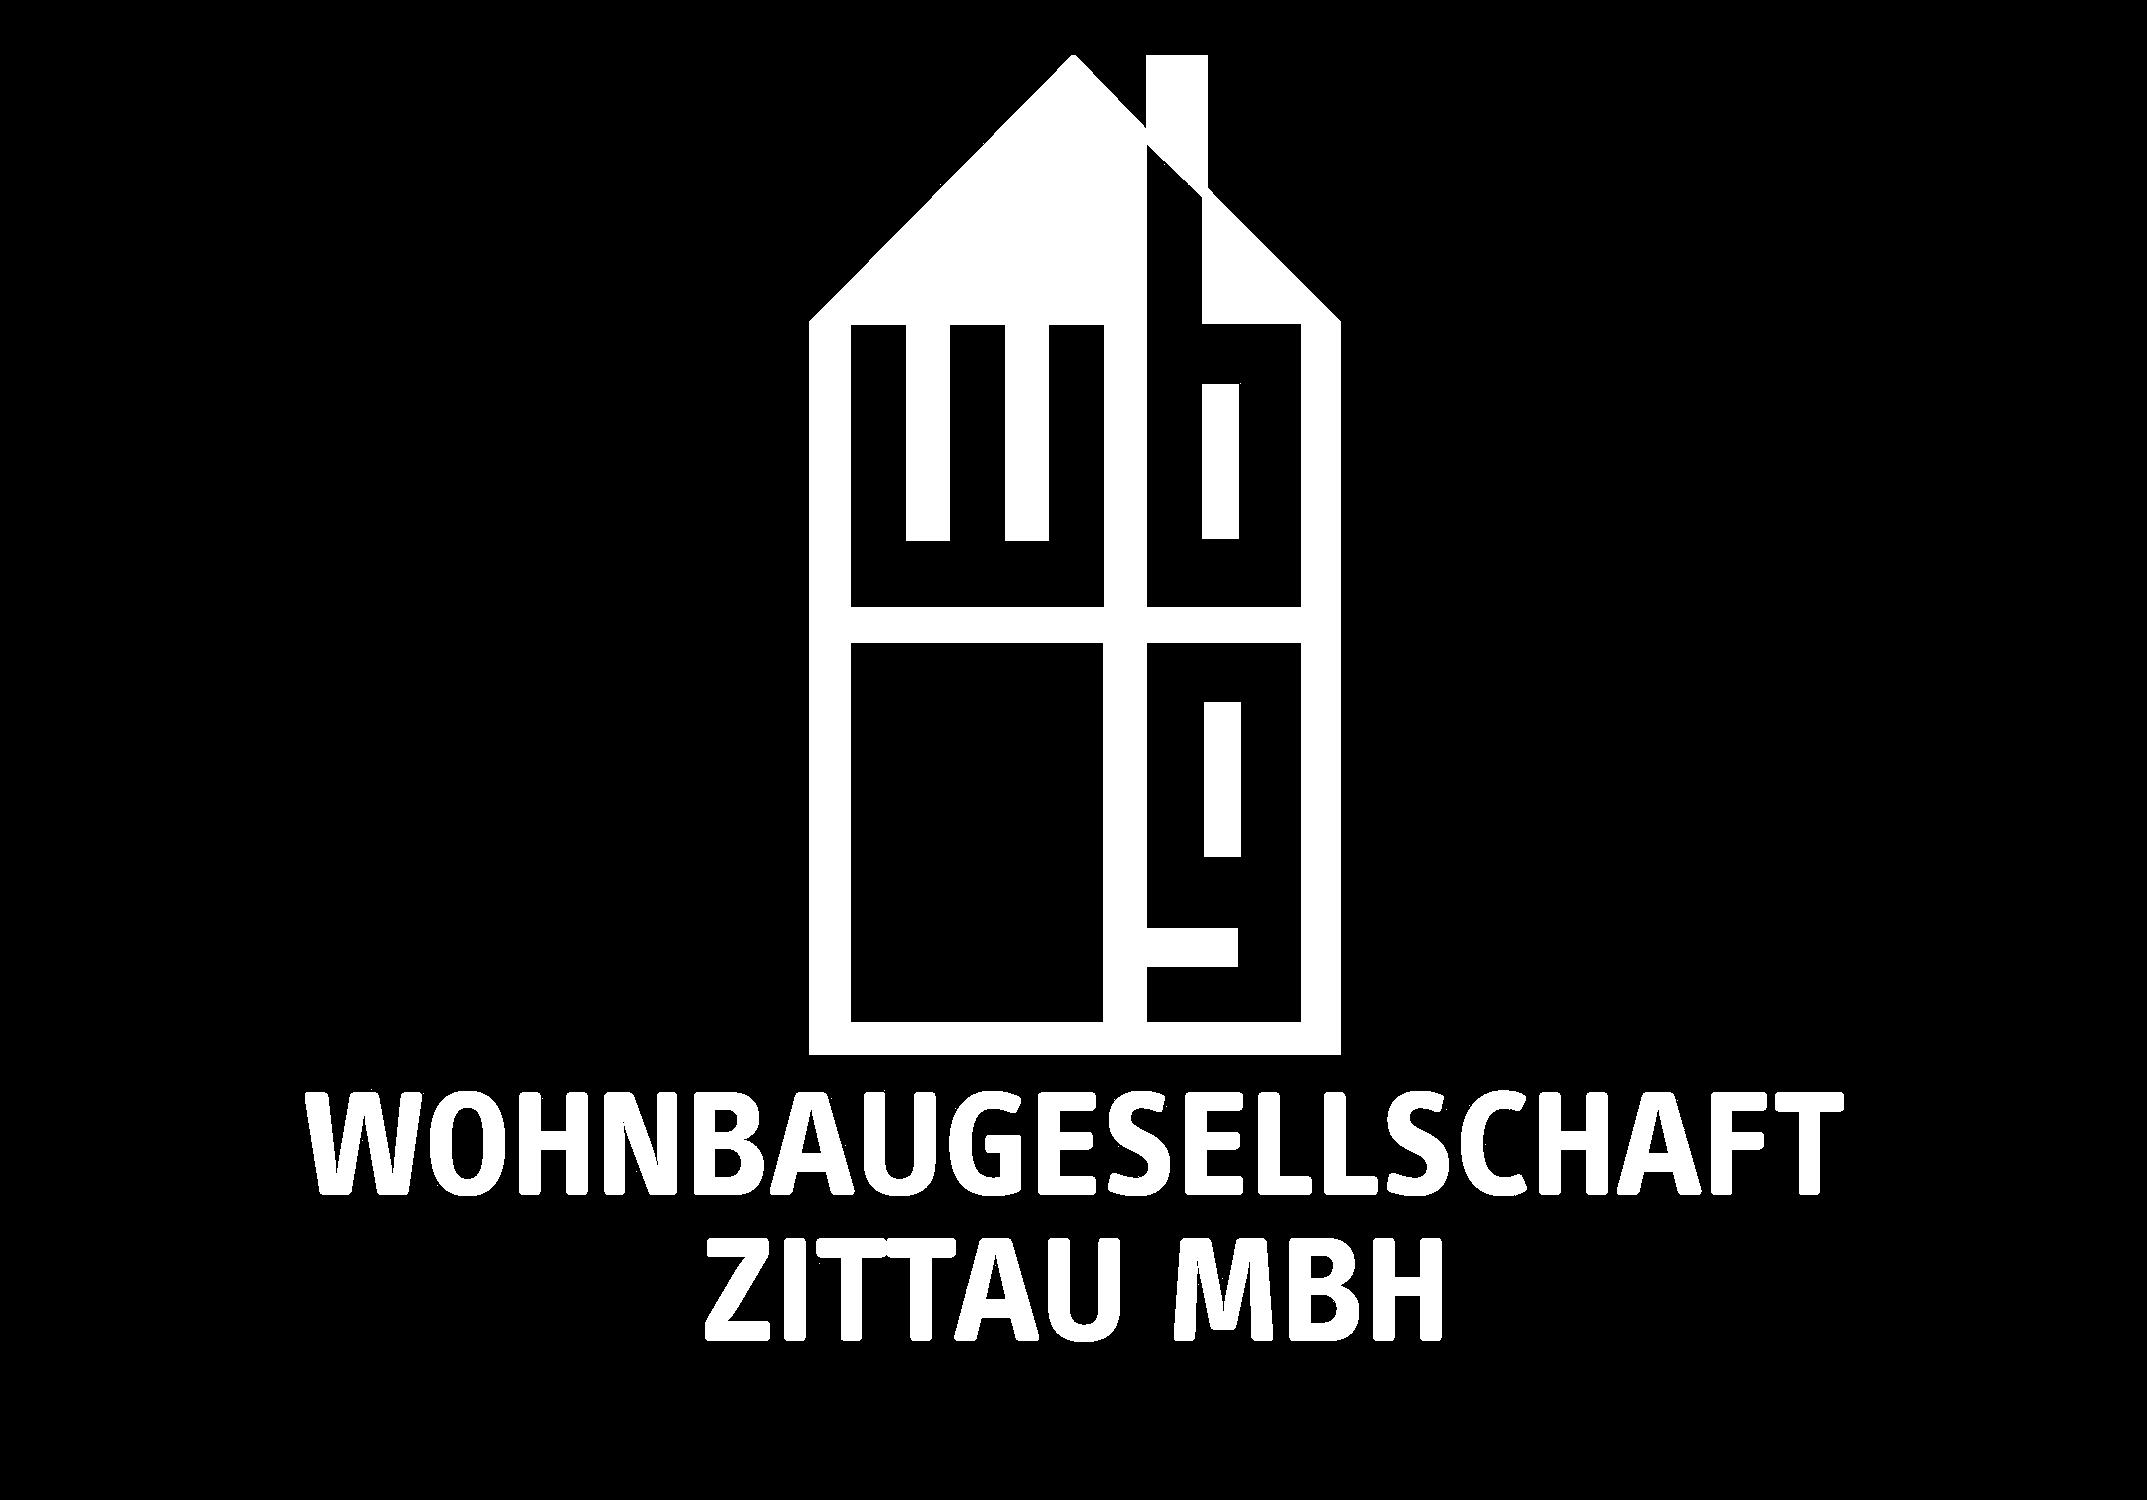 WBG Zittau